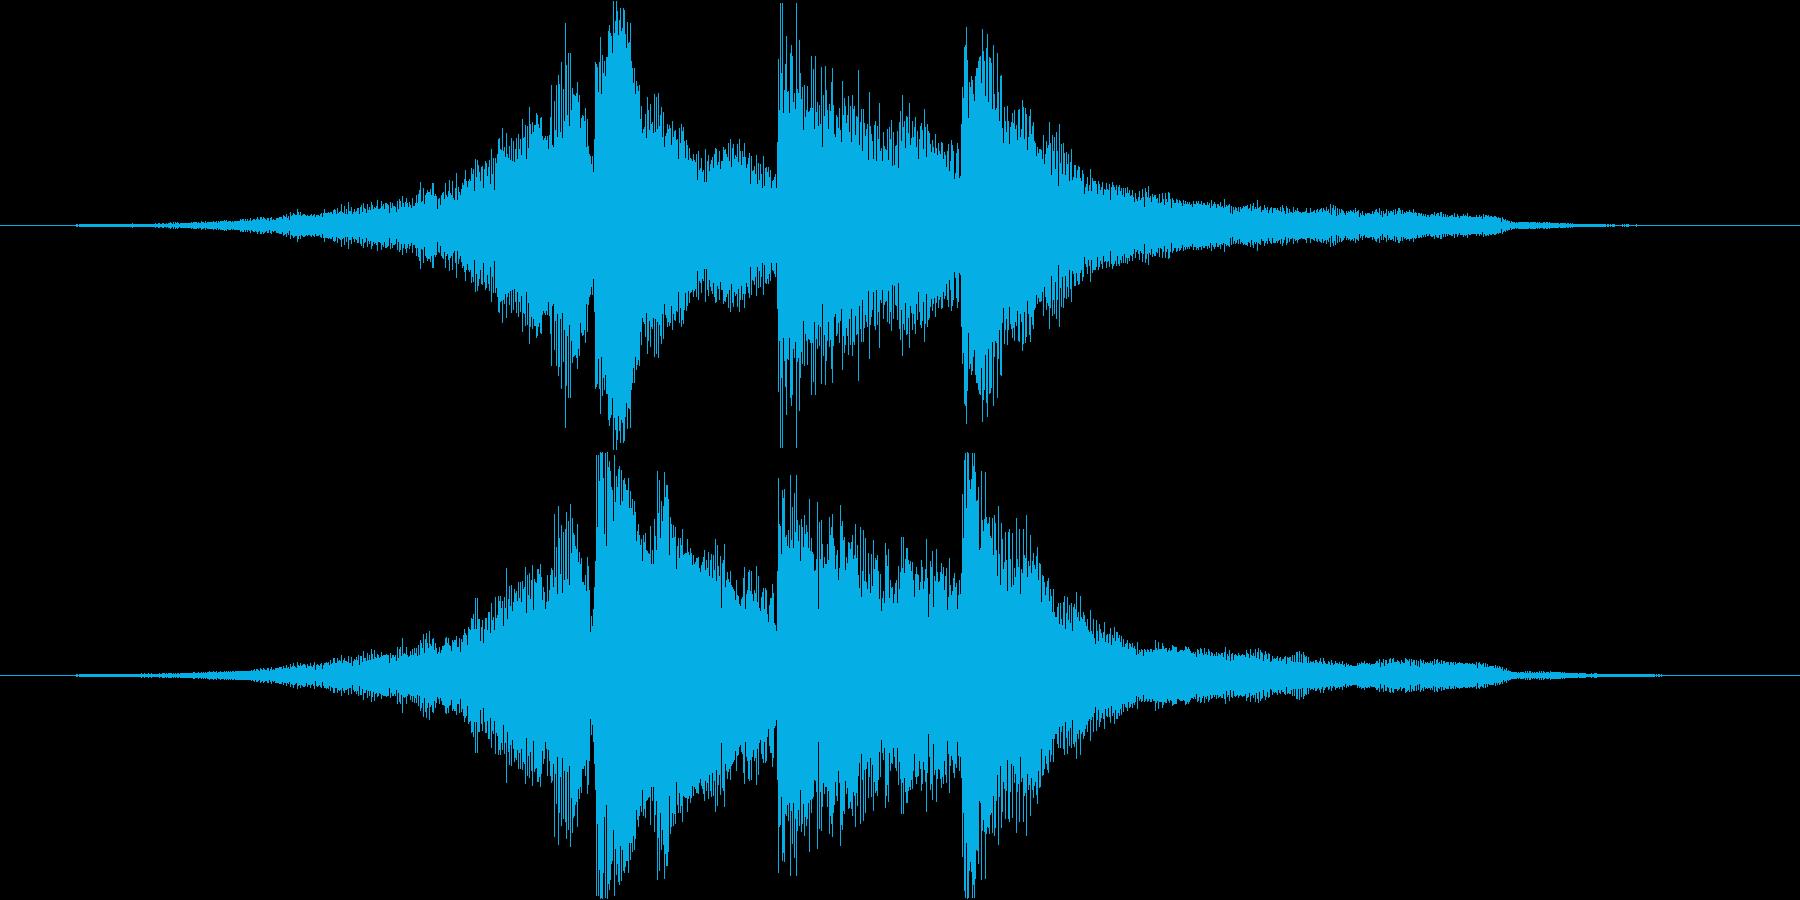 アコギとピアノで奏でるジングル#4の再生済みの波形